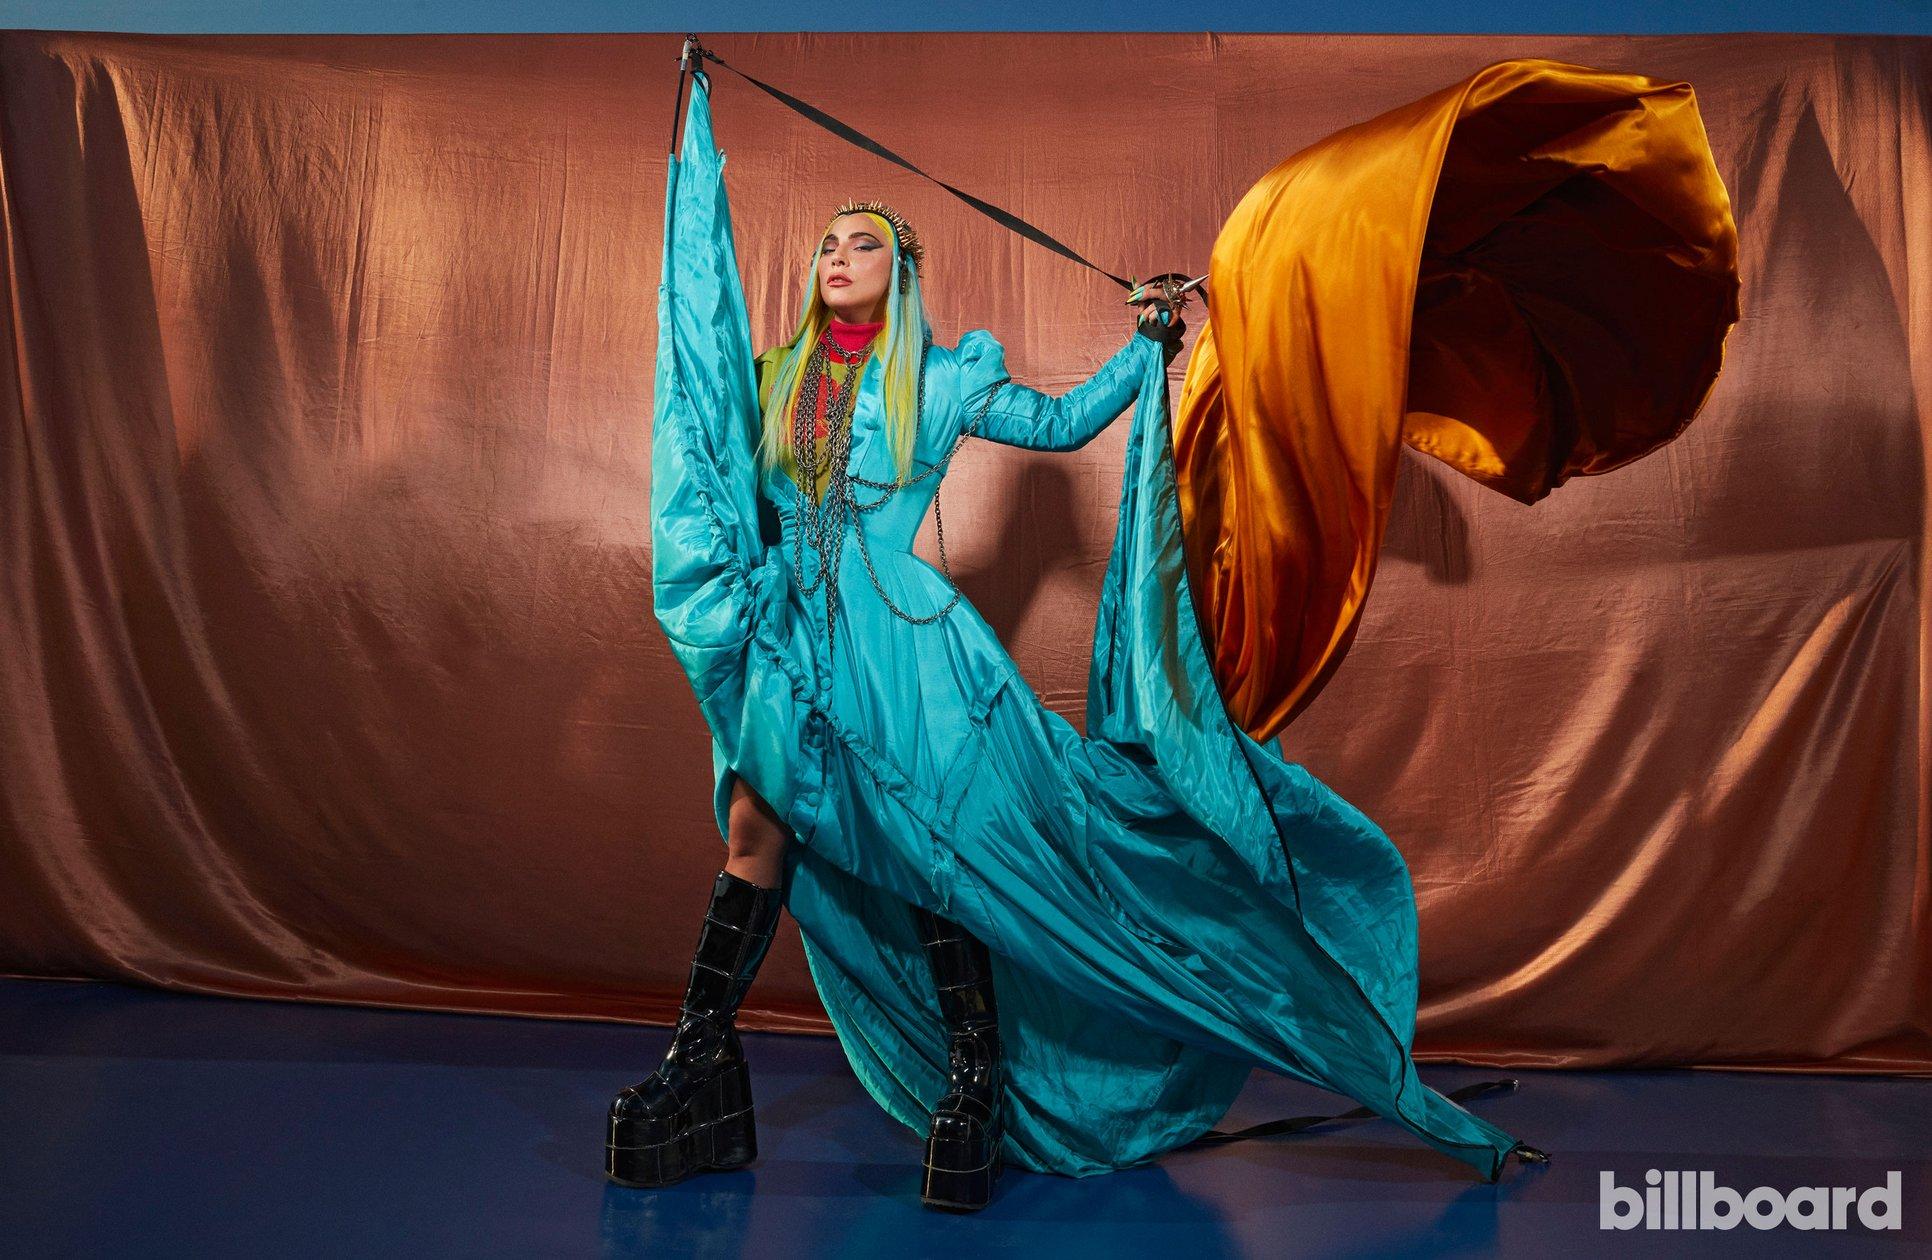 Lady Gaga - Σελίδα 47 Bb-ladygaga-2-ceros-2760